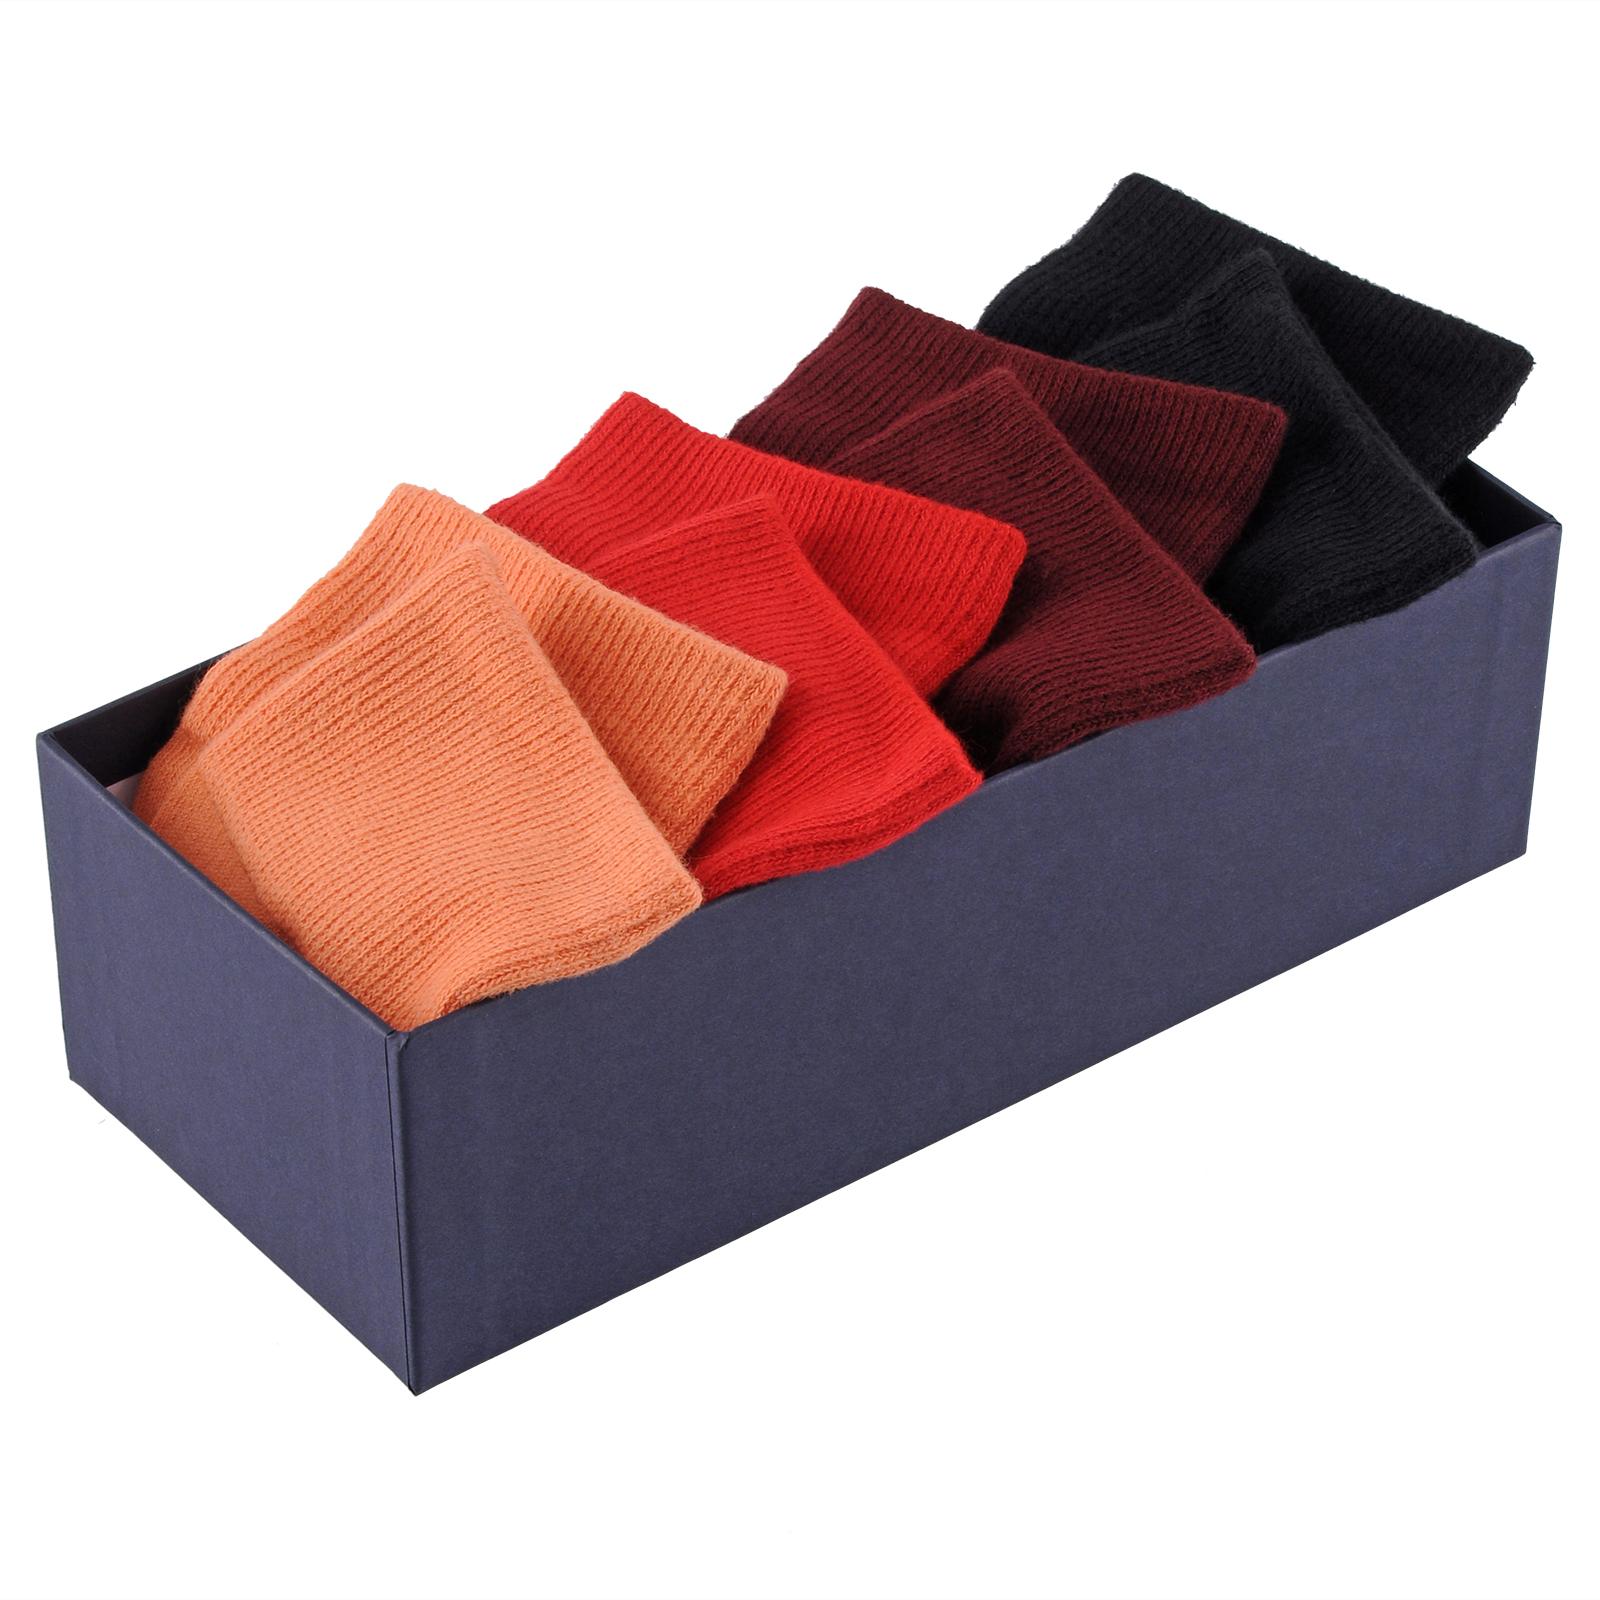 CH-00020-C16-Coffret-paires-chaussettes-homme-orange-rouge-noir